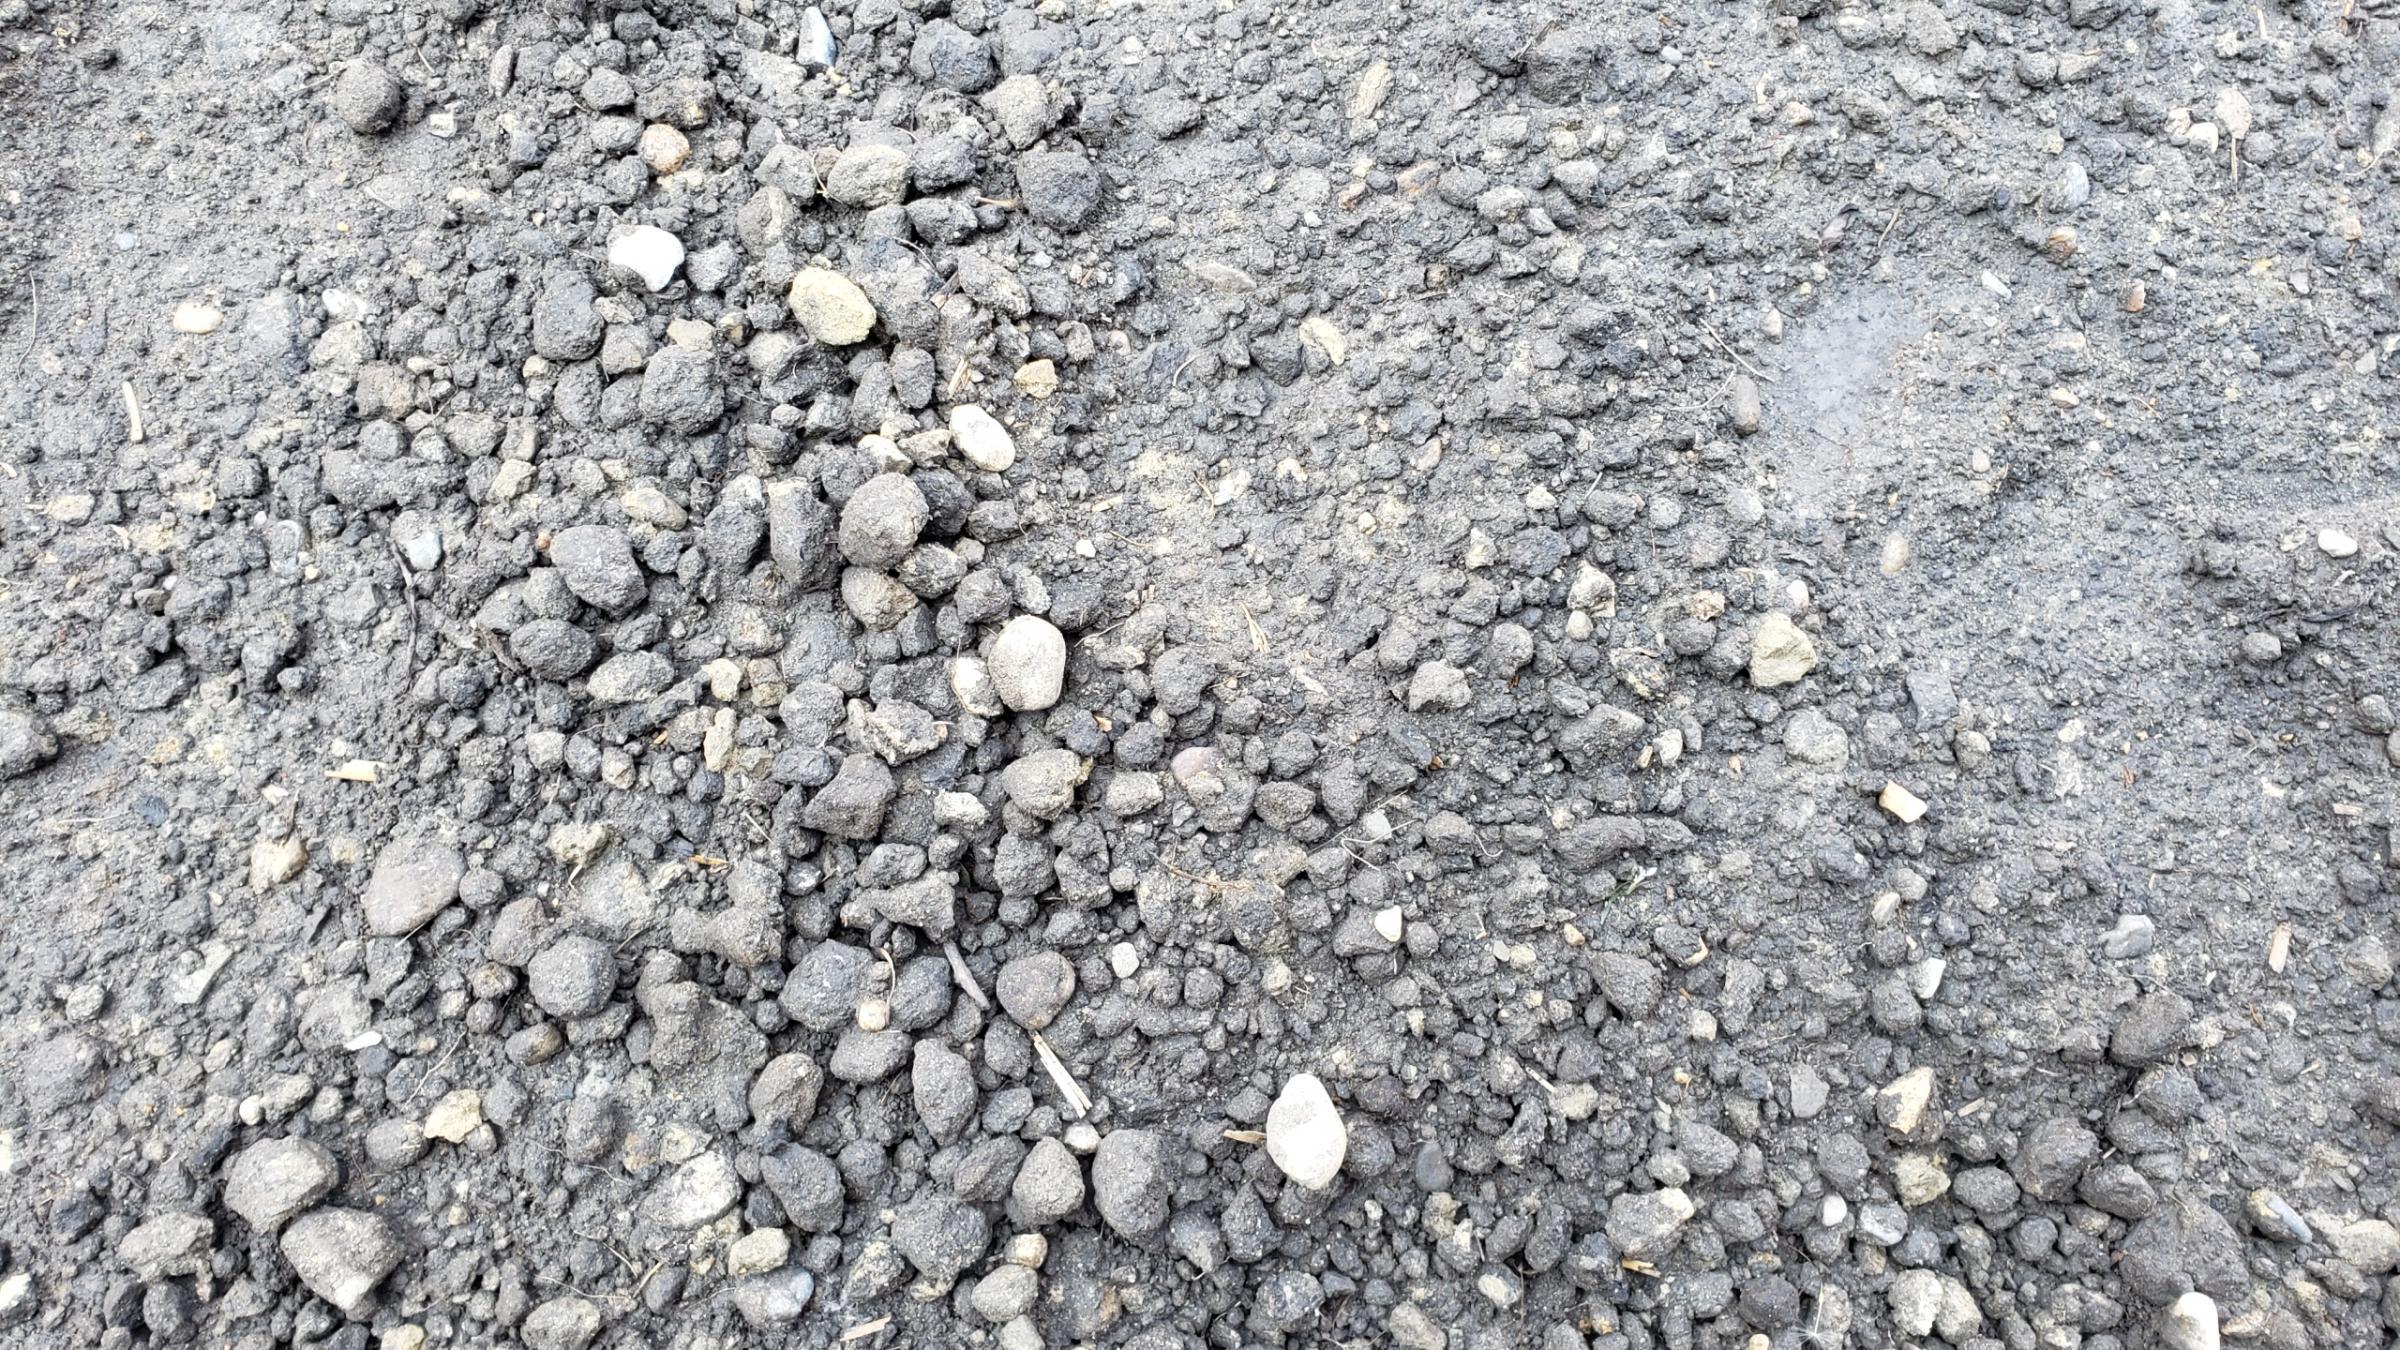 Clumpy Topsoil-20190601_154002_1559425281357.jpg